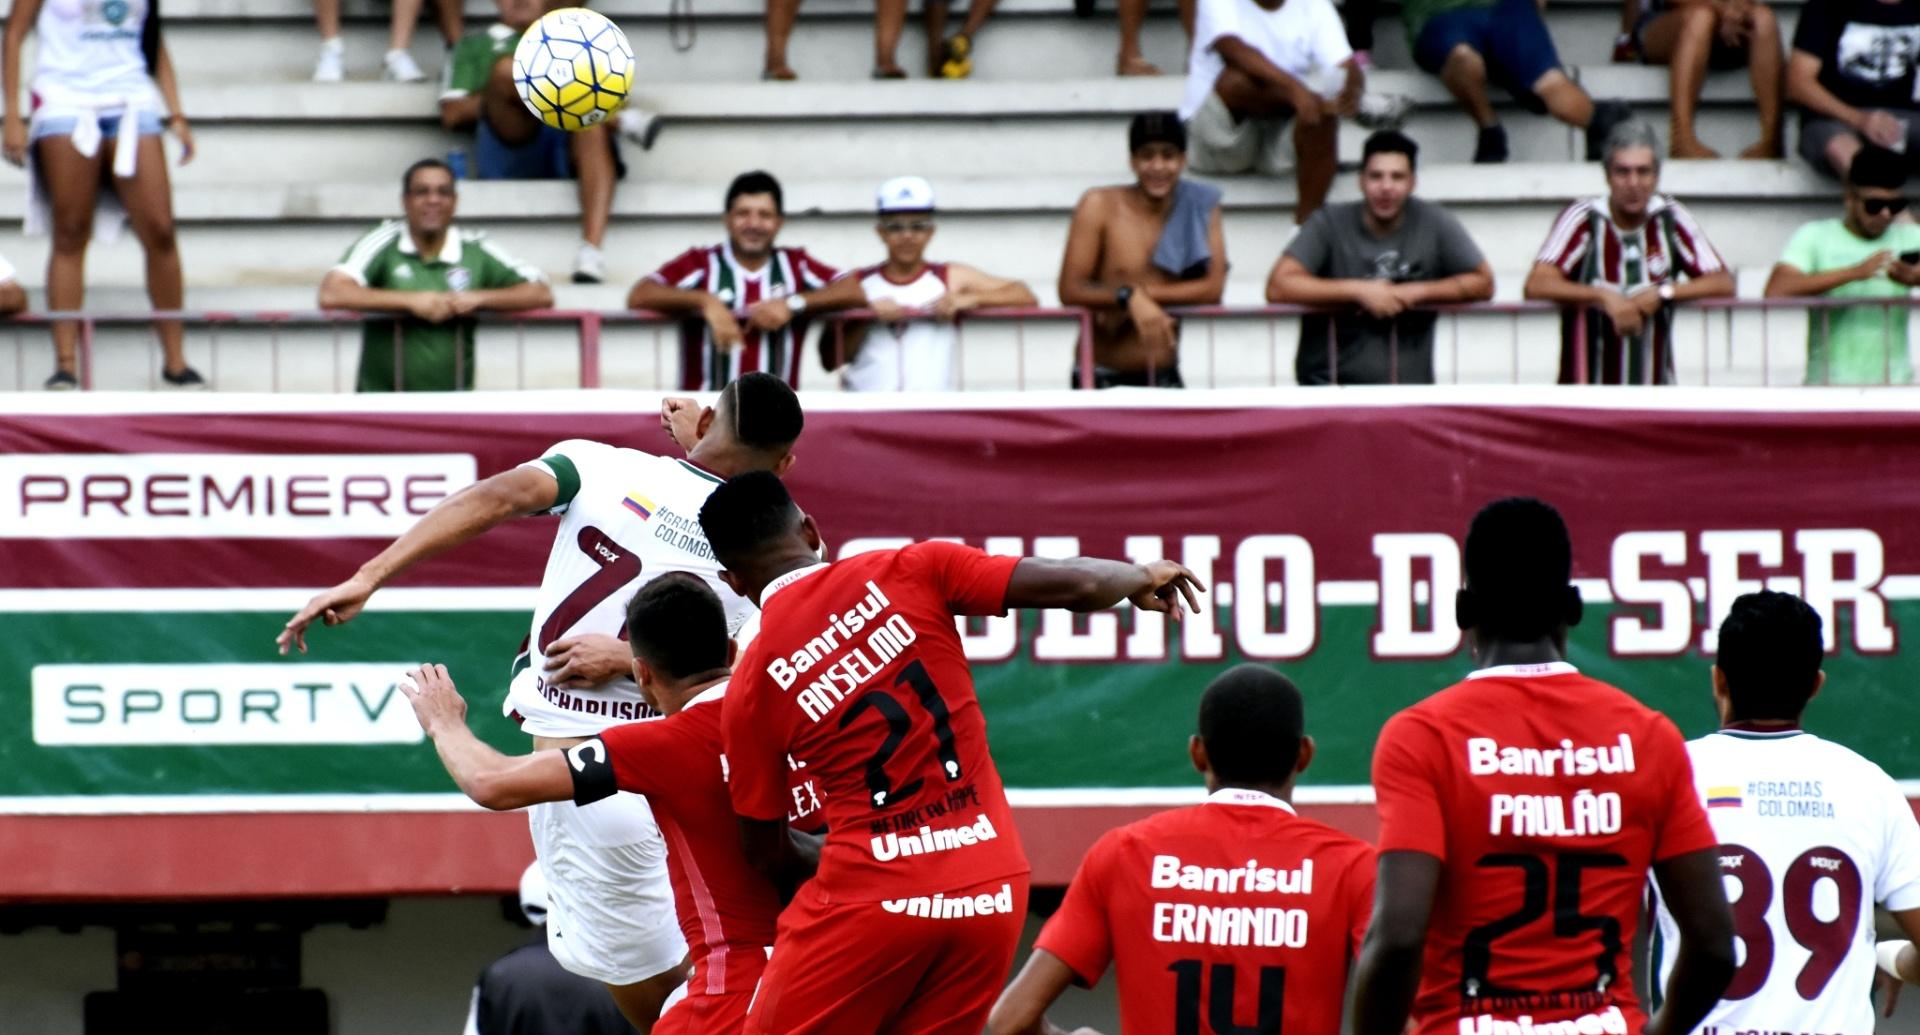 Mesmo marcado, Richarlison tenta cabeçada na partida Fluminense x Internacional